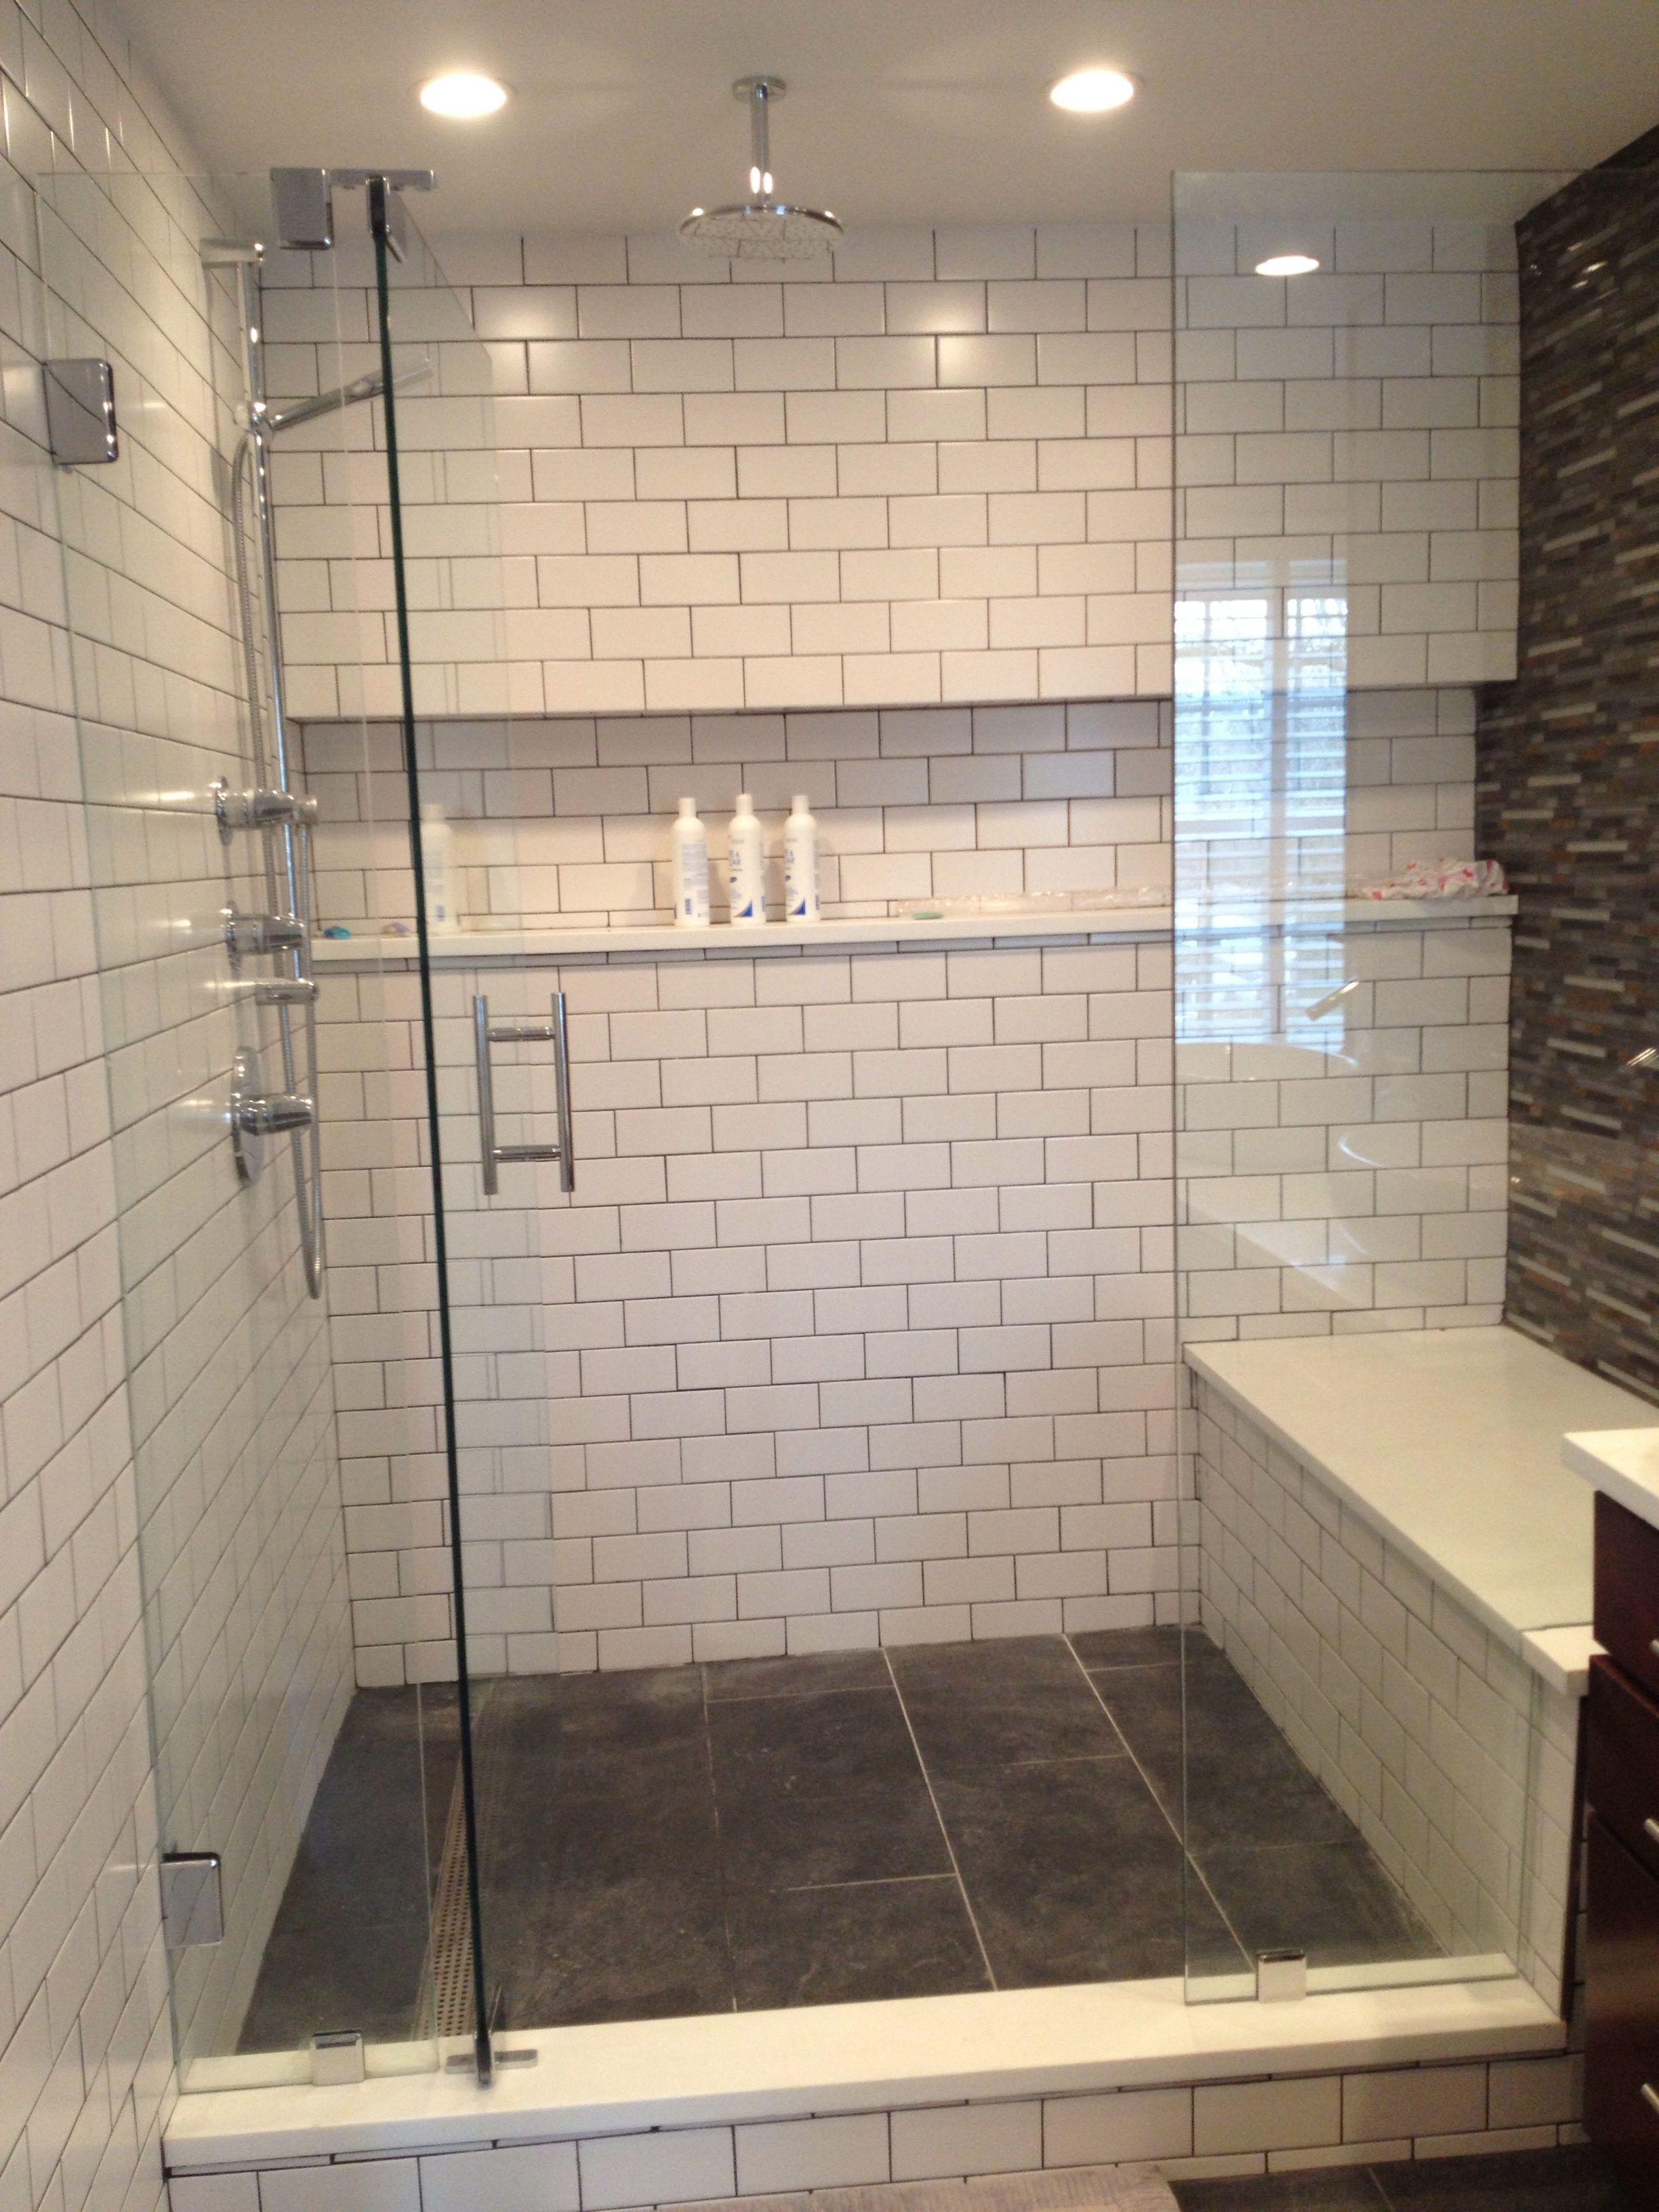 Long Ledge In Shower Huge Bench Brilliant Shower Remodel Cheap Bathroom Remodel Bathrooms Remodel